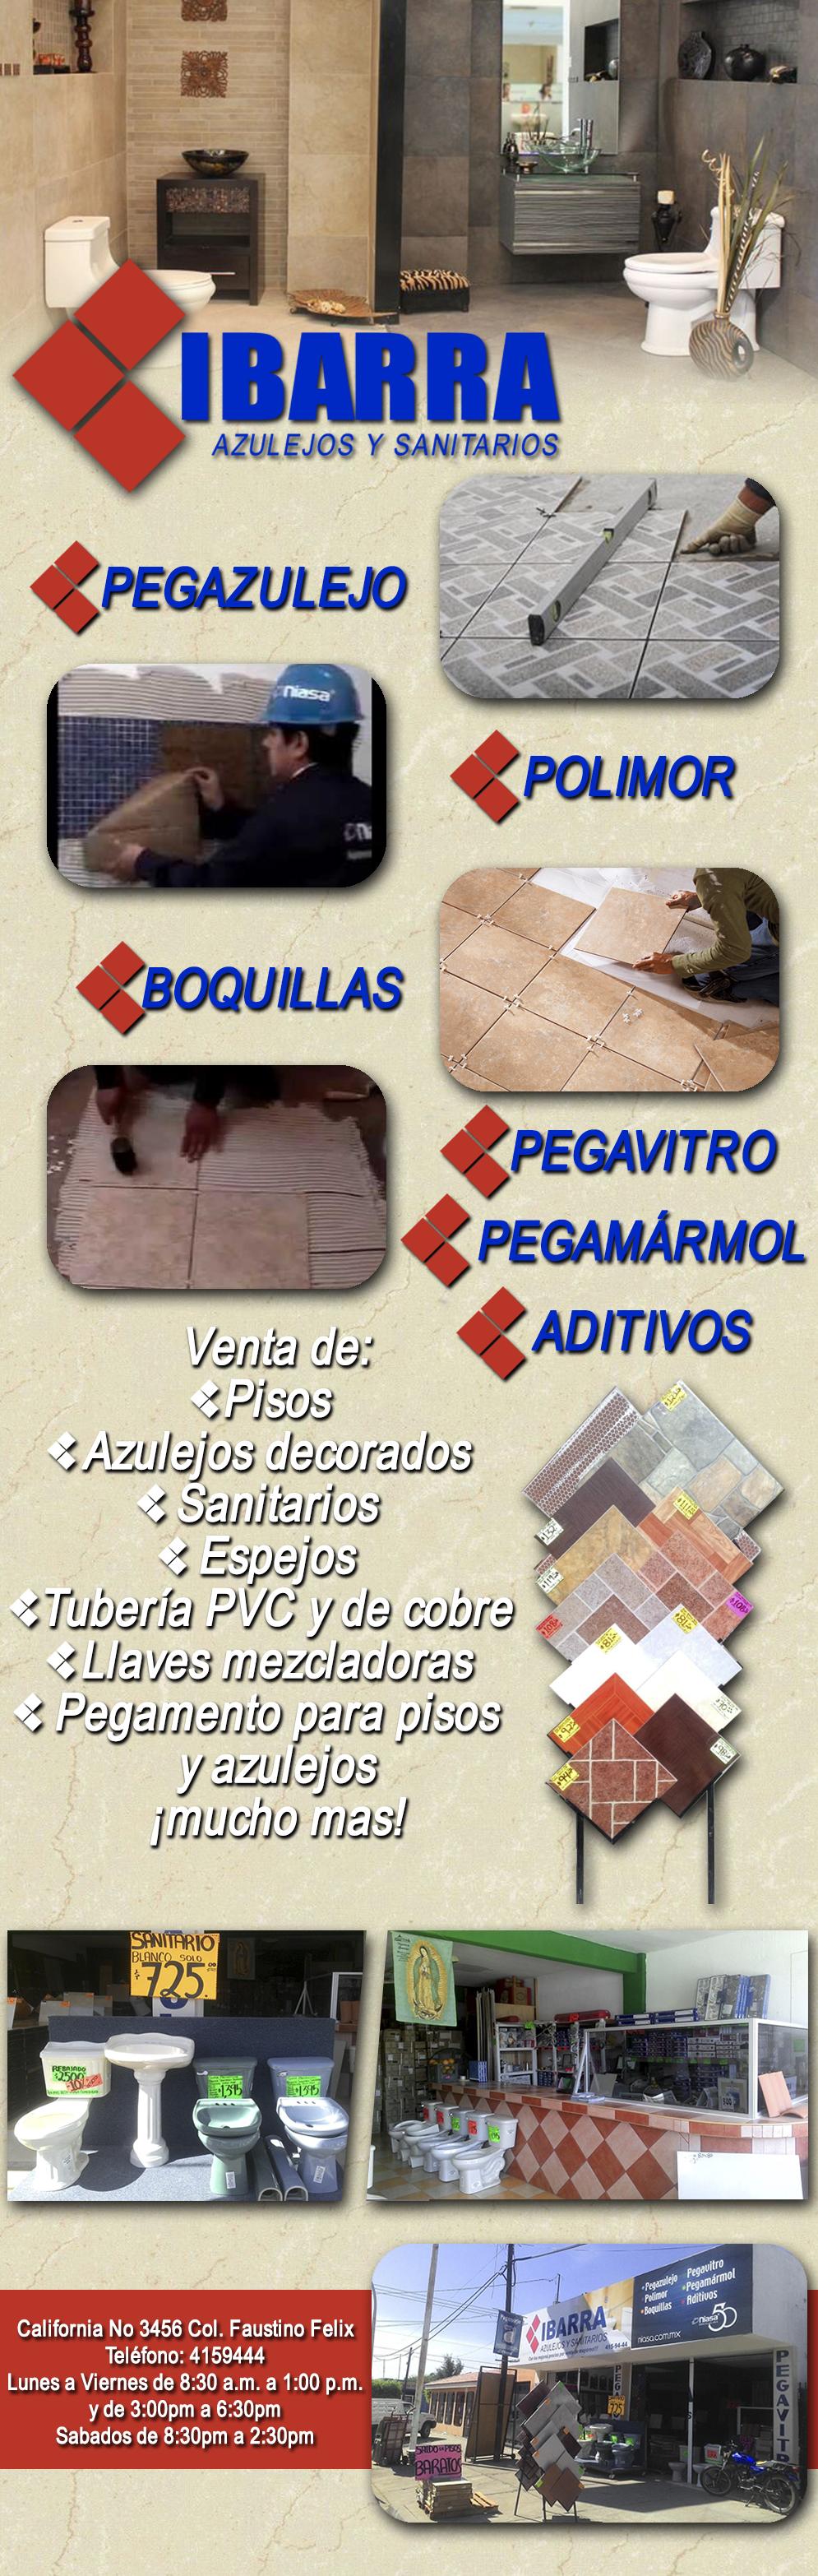 Azulejos Para Baño Italica:de pisos, azulejos decorados, sanitarios, espejos, tubería PVC y de